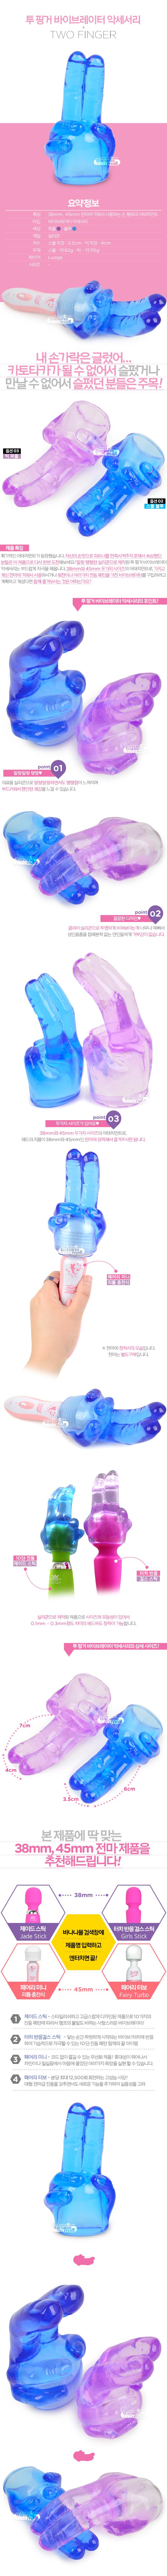 [전마 어태치먼트] 투 핑거 바이브레이터 악세서리(Two Finger Vibrator Accessory) - LG-515, LG-516